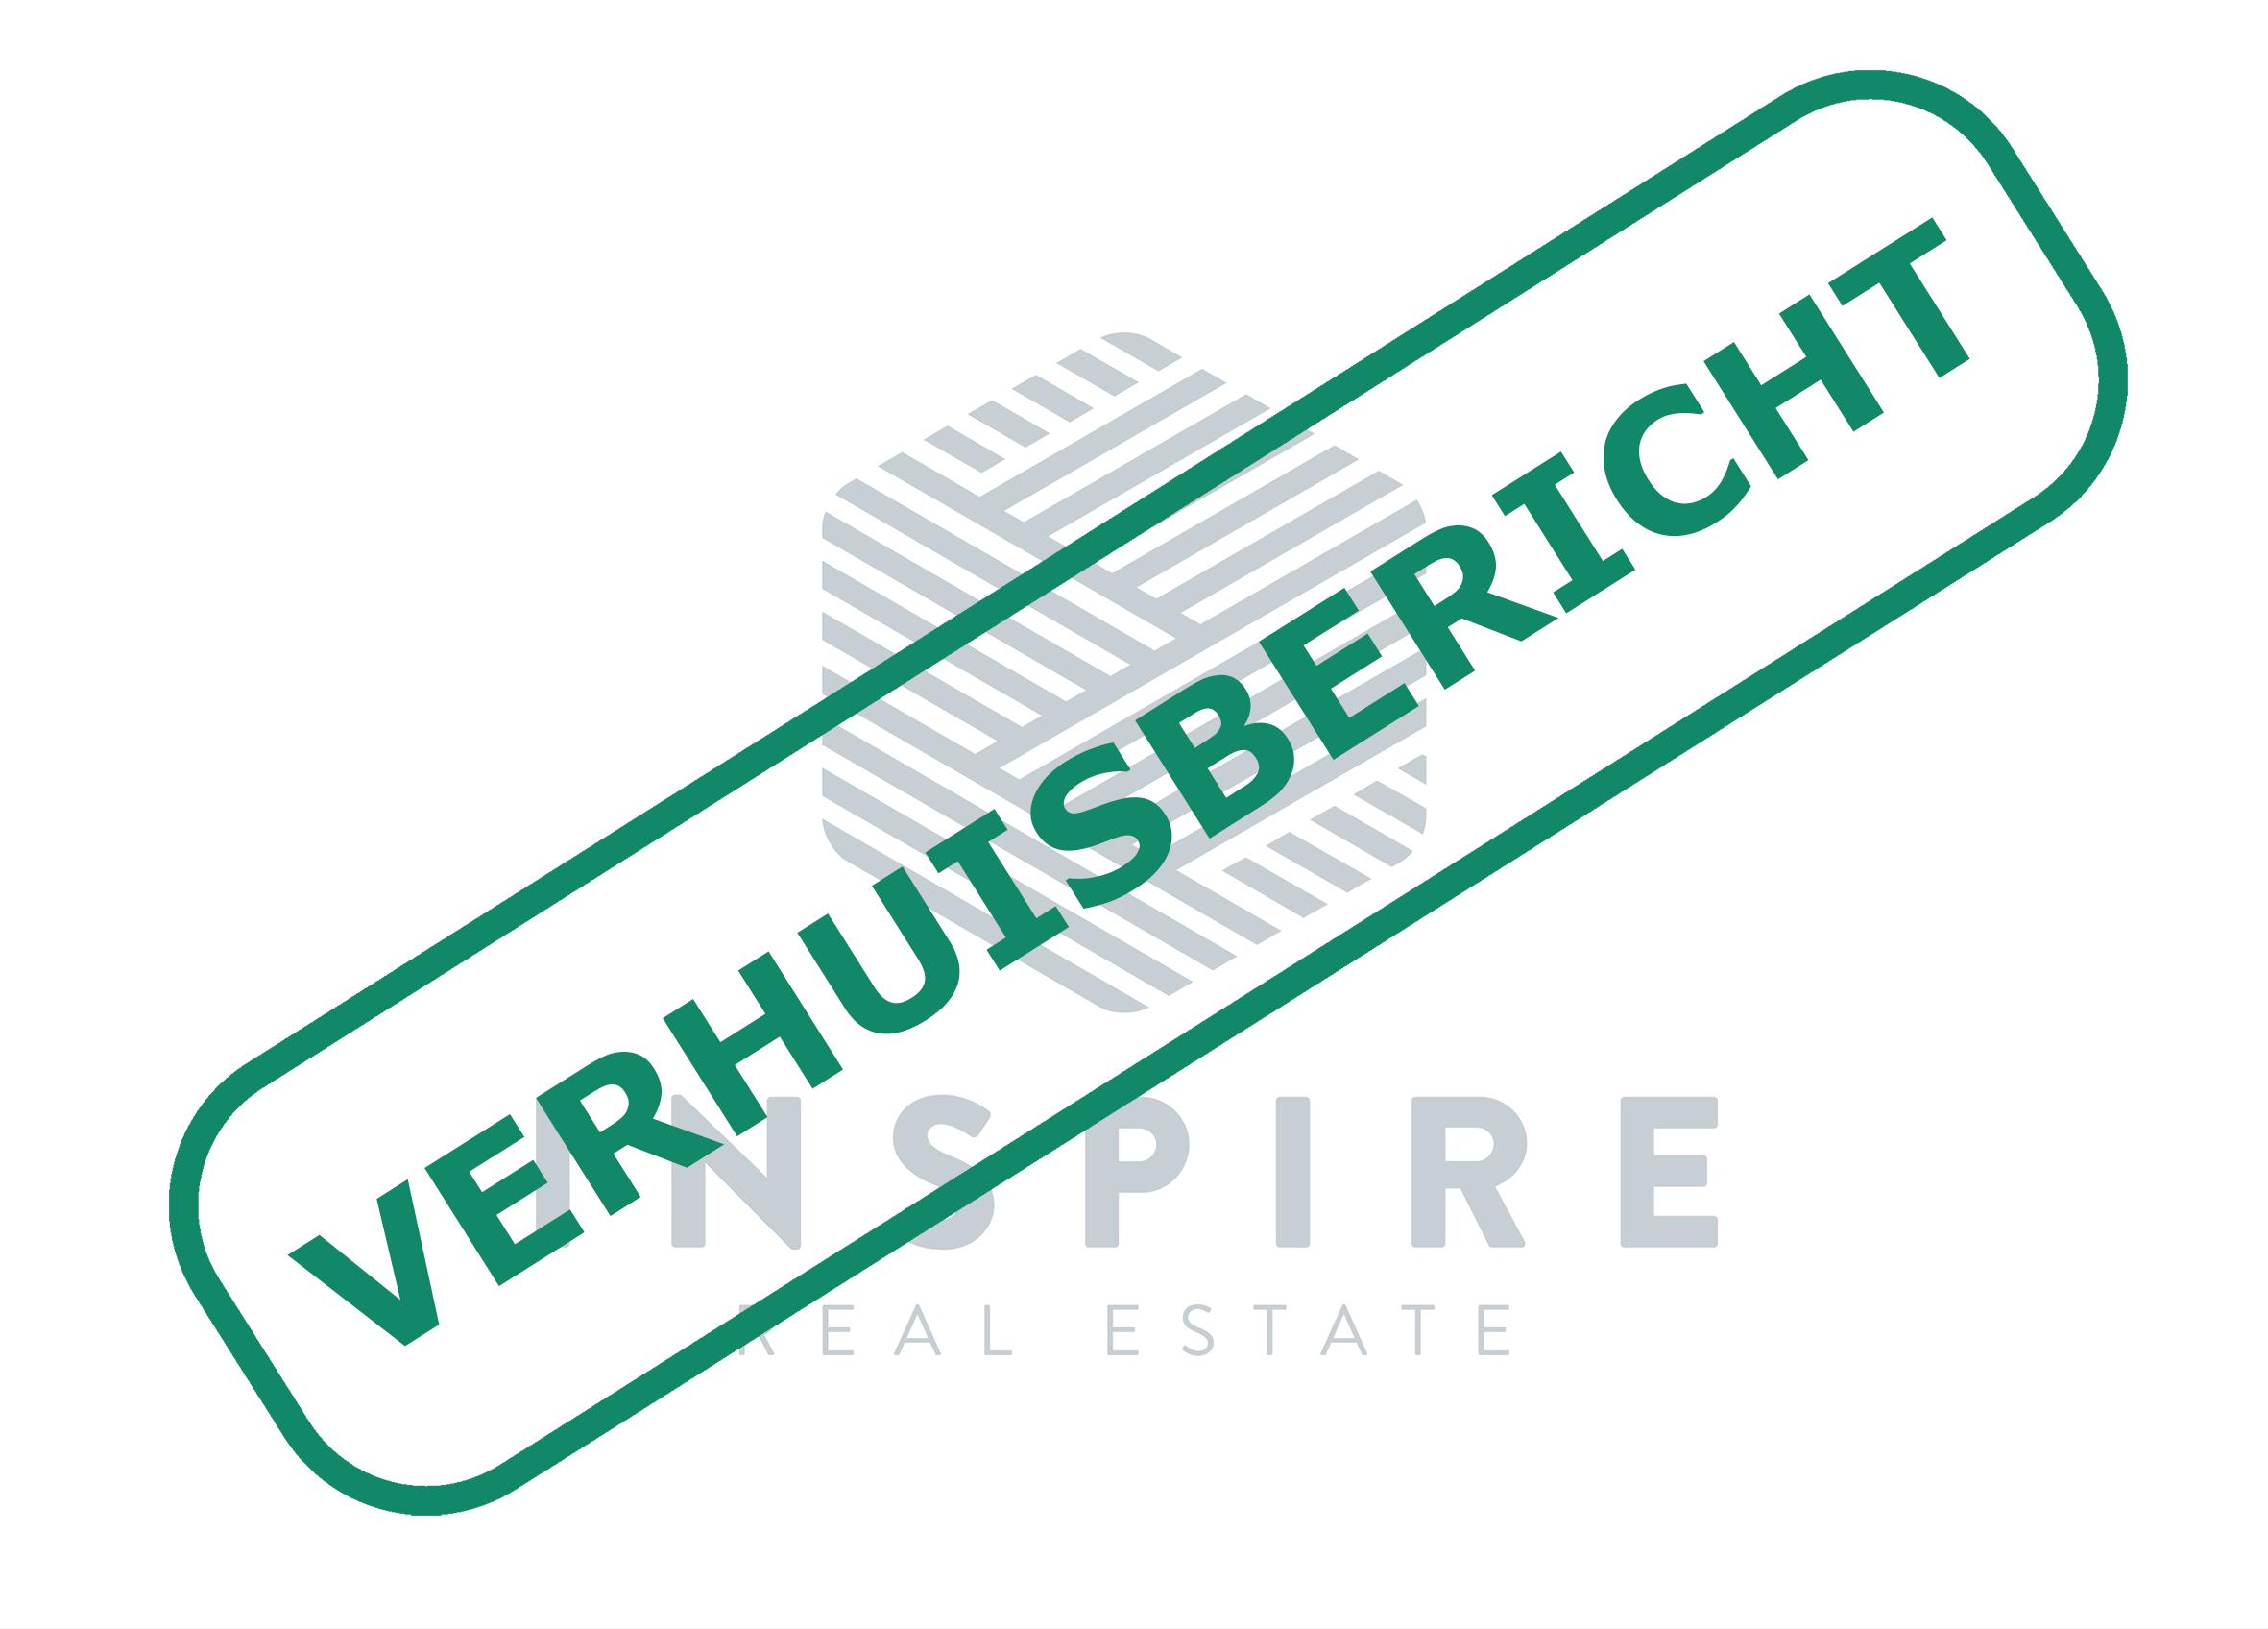 Verhuisbericht INSPIRE Real Estate